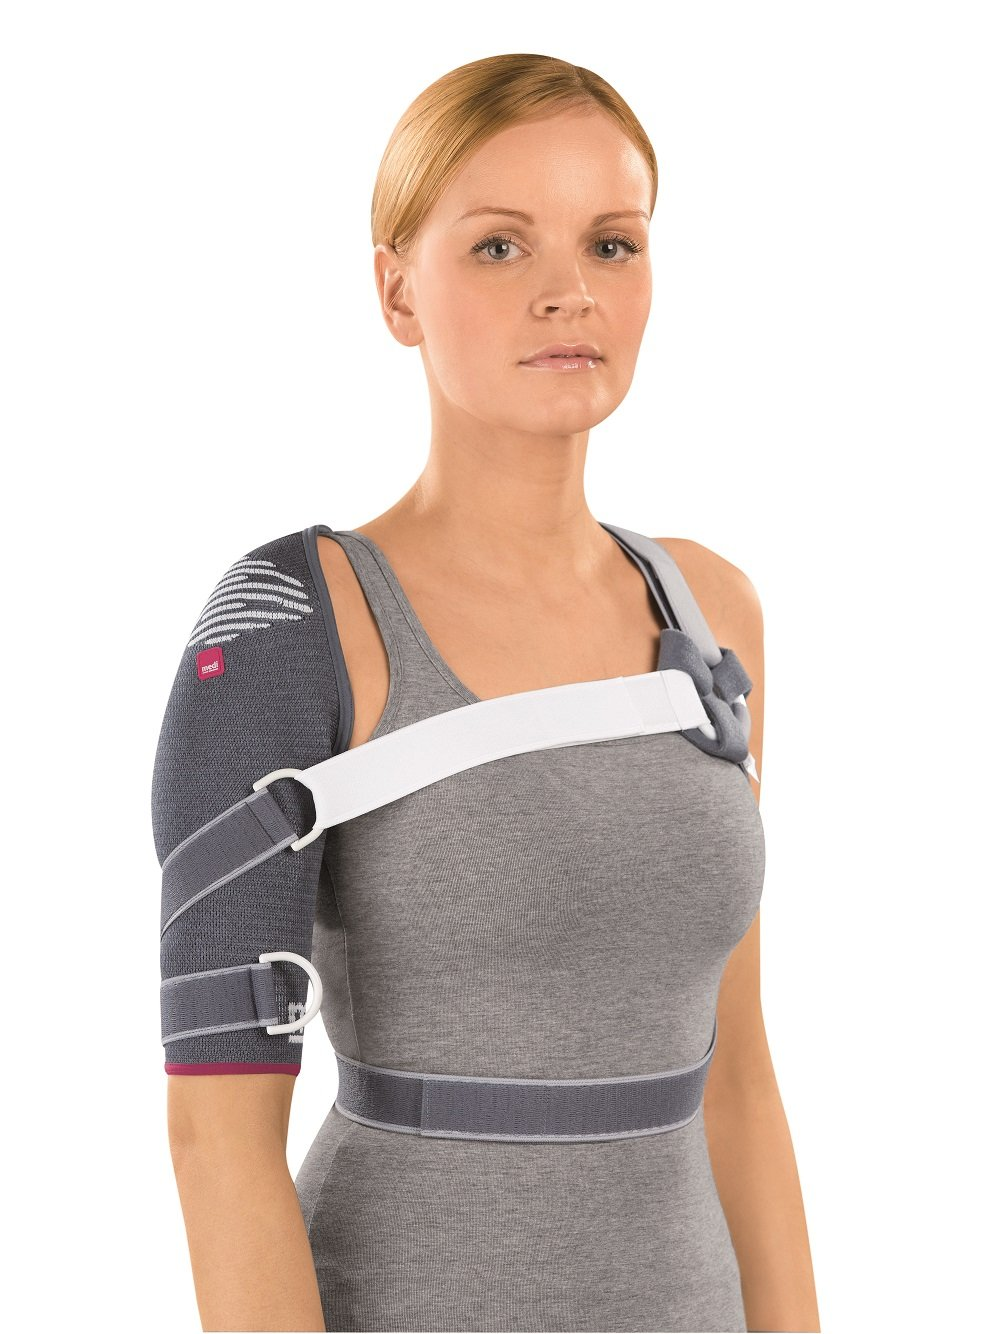 Omomed Knit Shoulder Support Left (Silver) 1